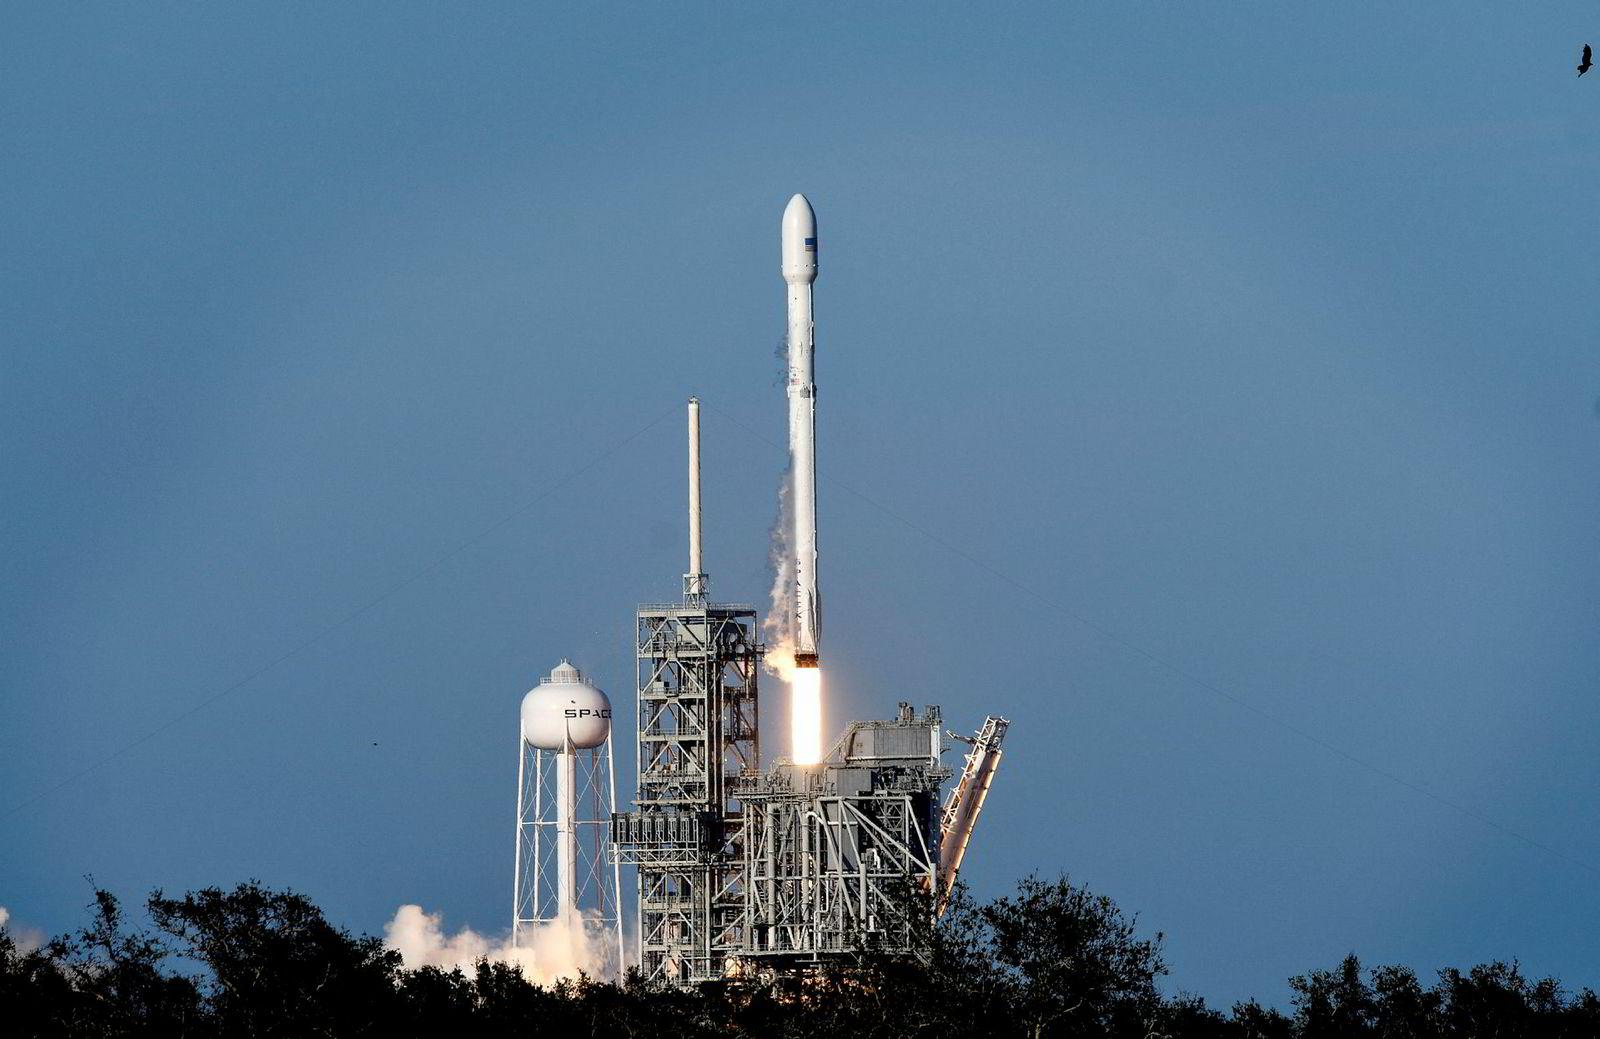 For litt over en uke siden skjøt SpaceX i samarbeid med Nasa raketten Falcon 9 til den internasjonale romstasjonen.